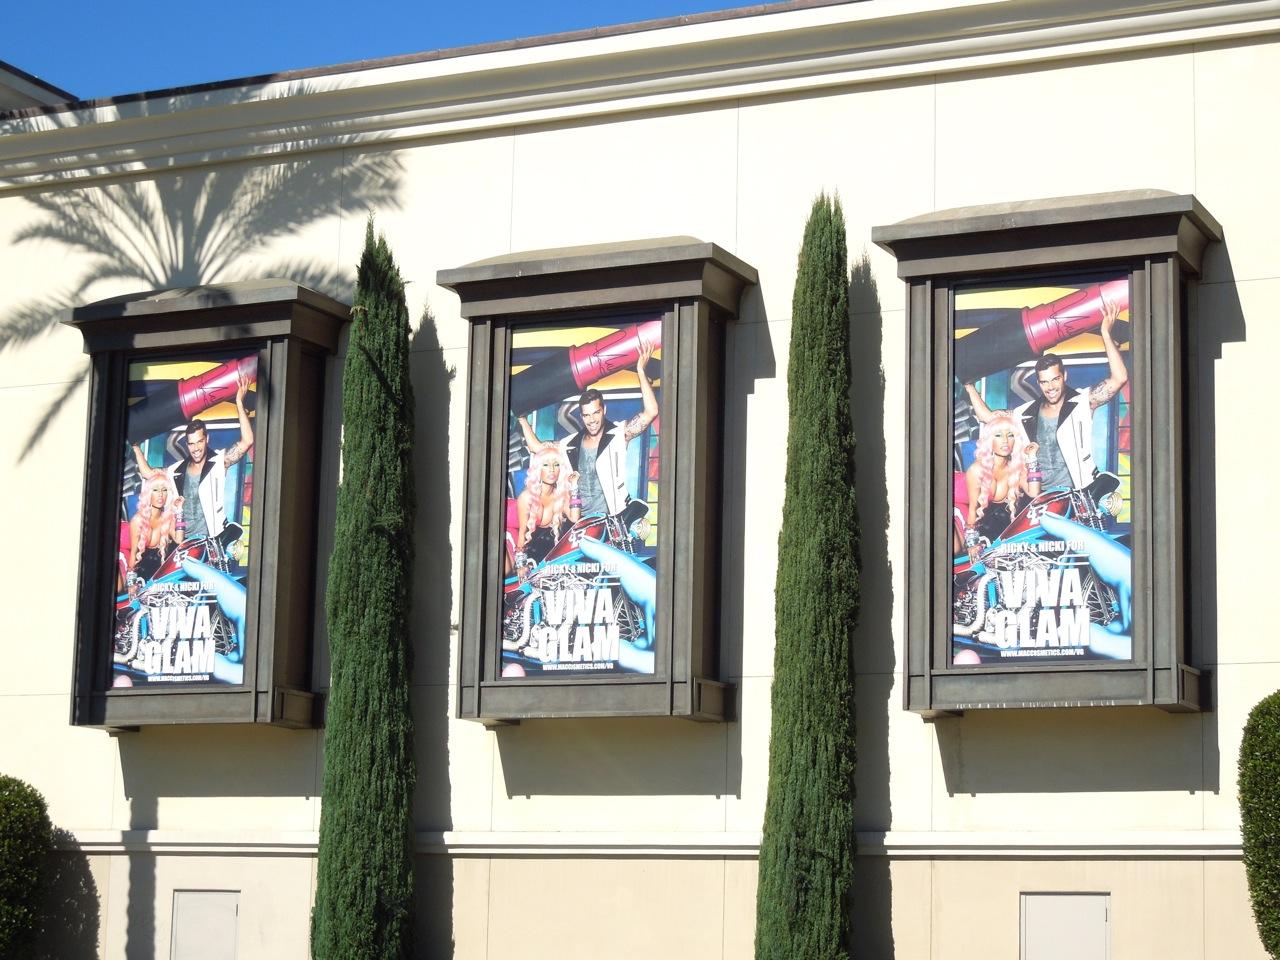 http://1.bp.blogspot.com/-IoXrYv1onUY/UImxiLFFt5I/AAAAAAAA2vA/hGNPDsNEl5w/s1600/Nicky+Ricky+Viva+glam+billboards.jpg